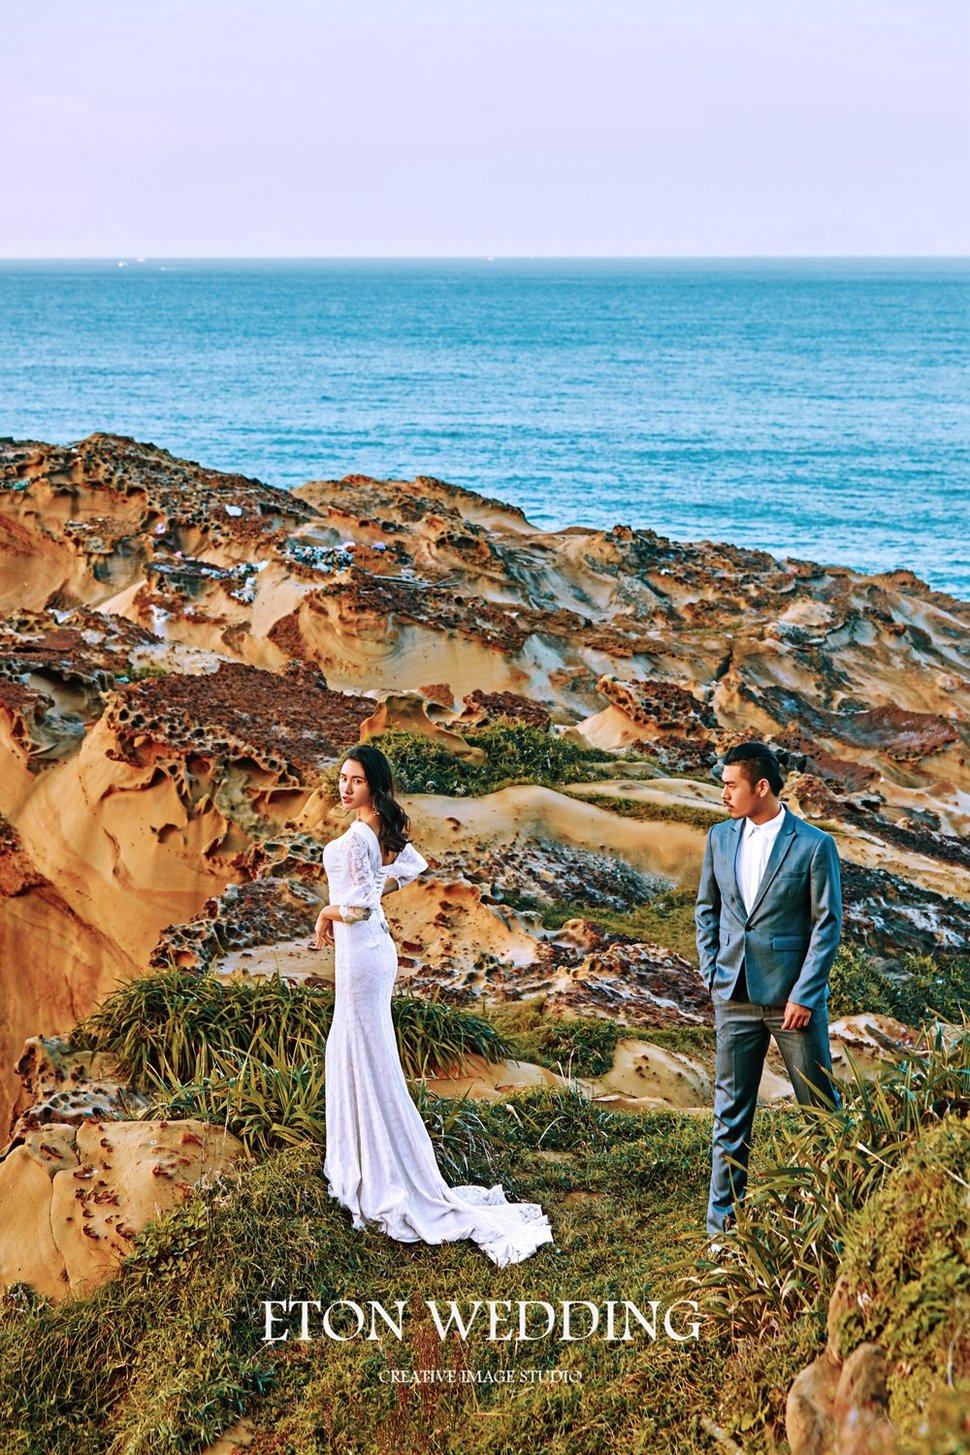 台北婚紗景點,伊頓自助婚紗 (17) - 伊頓自助婚紗 ▌台北高雄板橋桃園新竹台南《結婚吧》